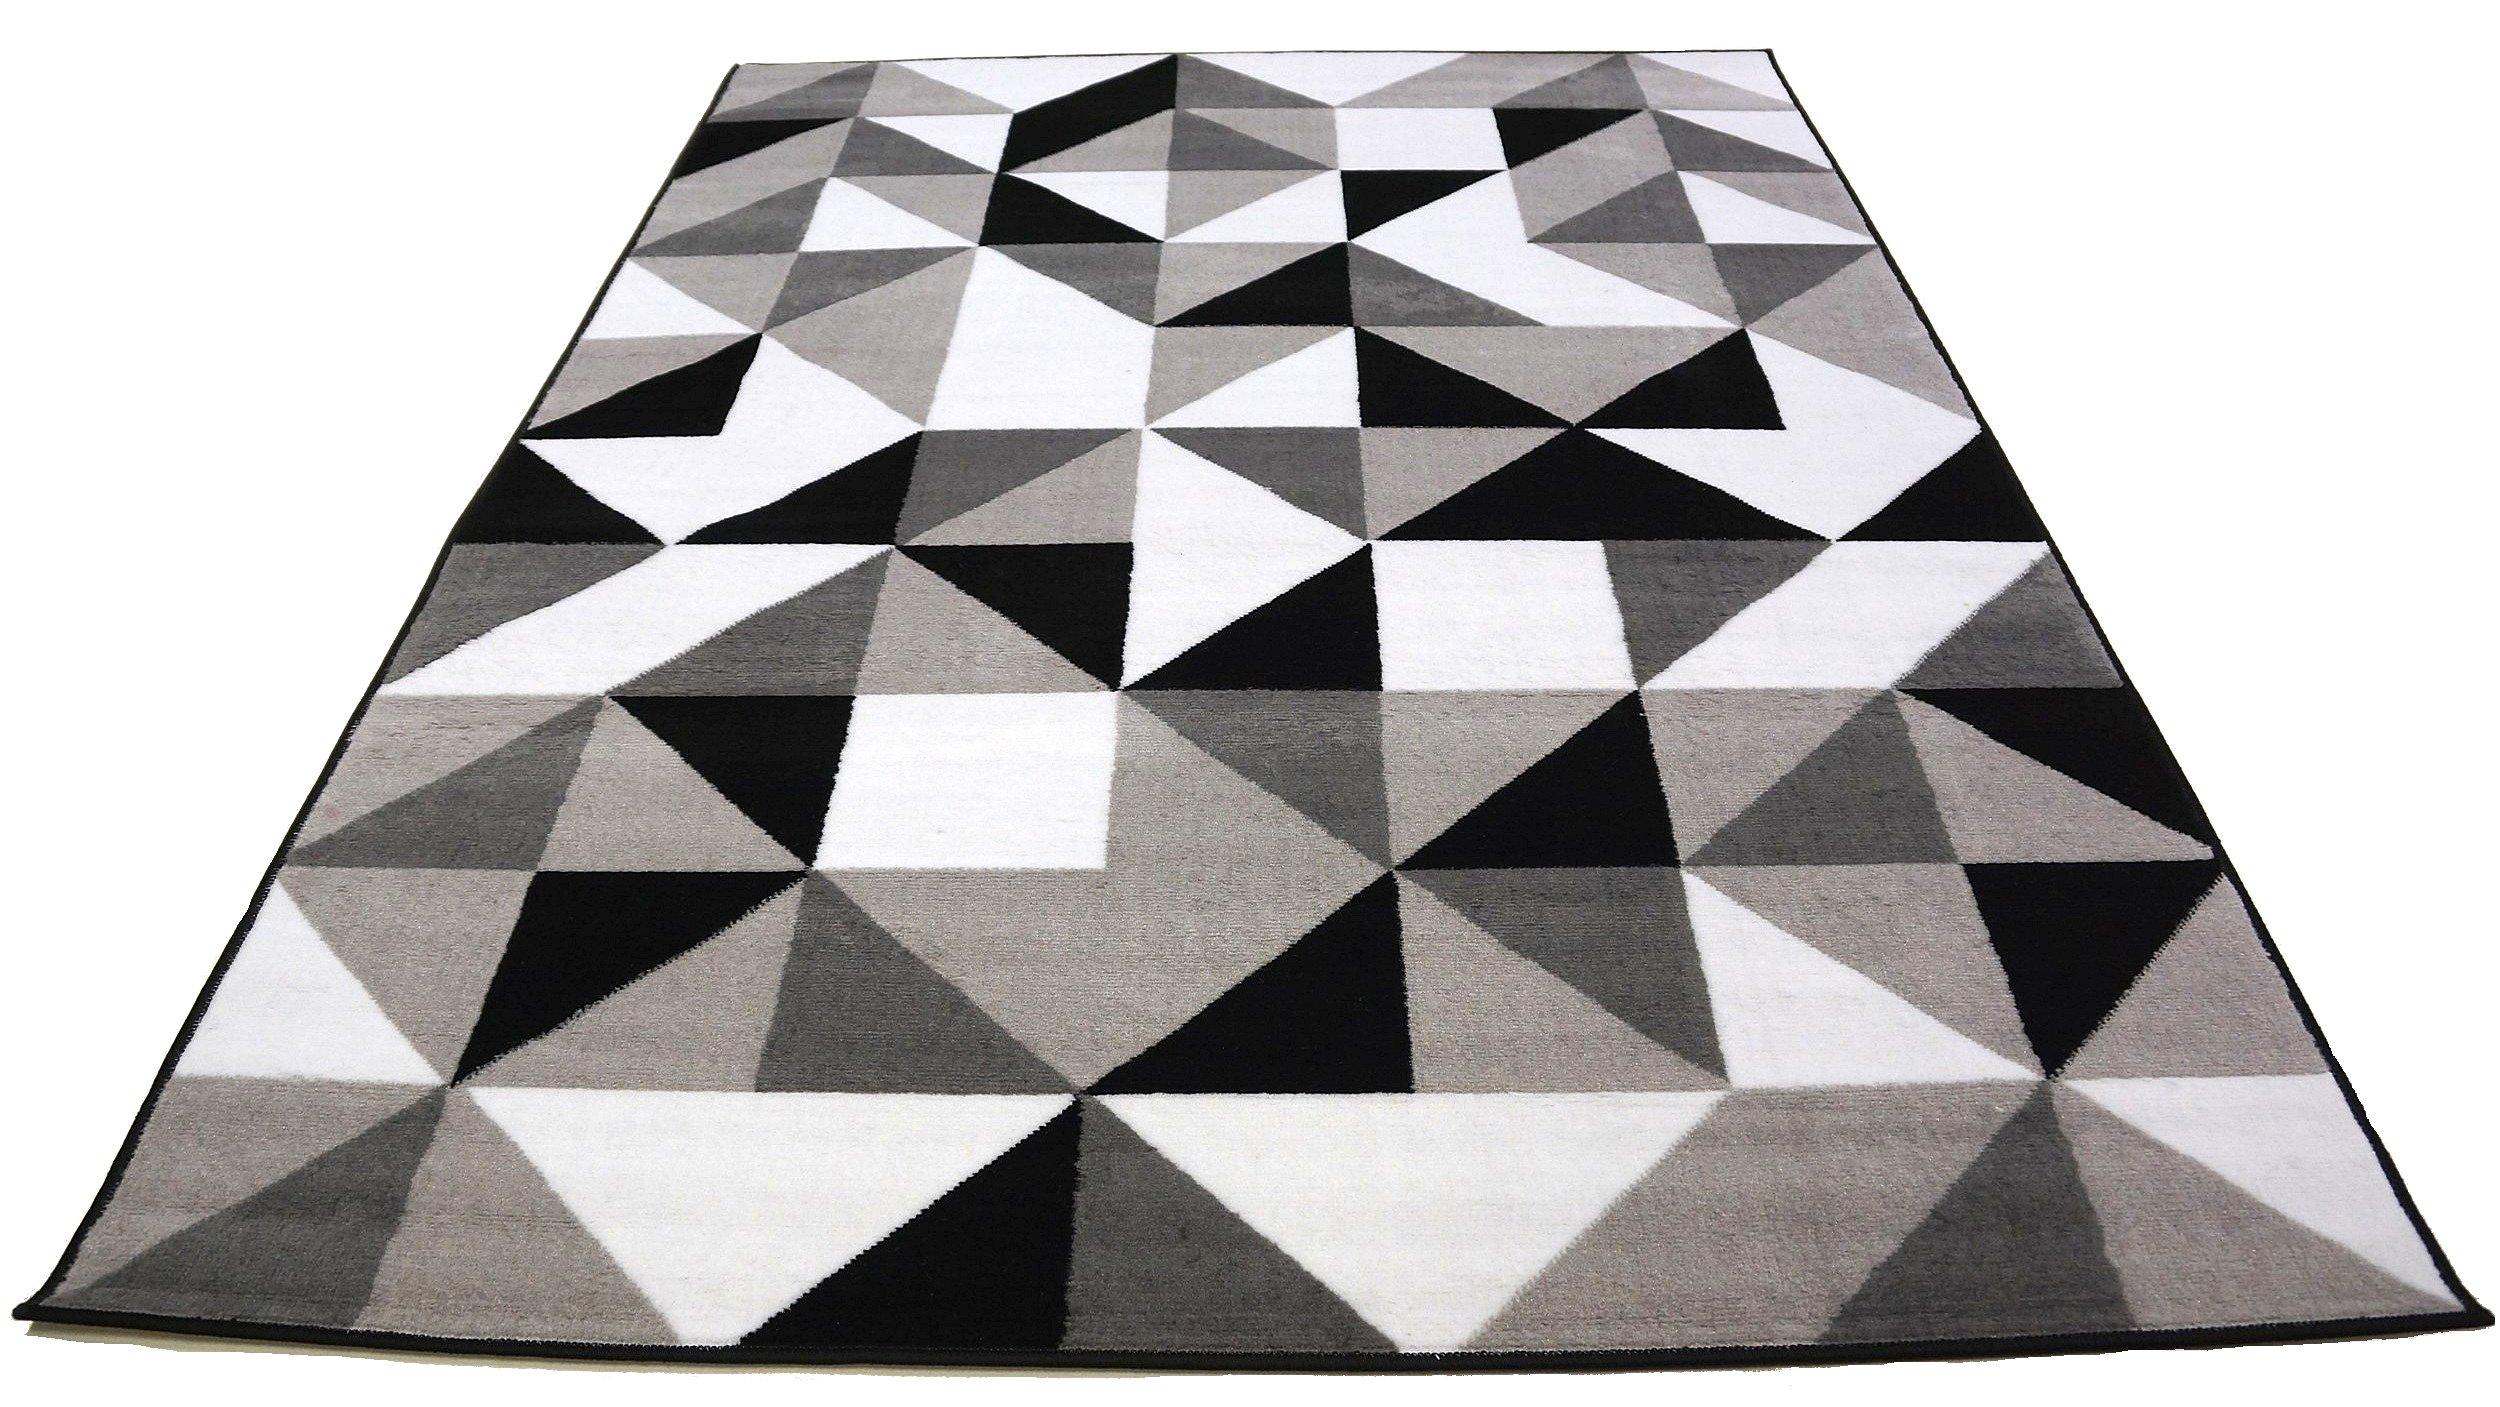 Dywan Bcf 150x210 Płasko Tkany Mix Wzorów Kolory